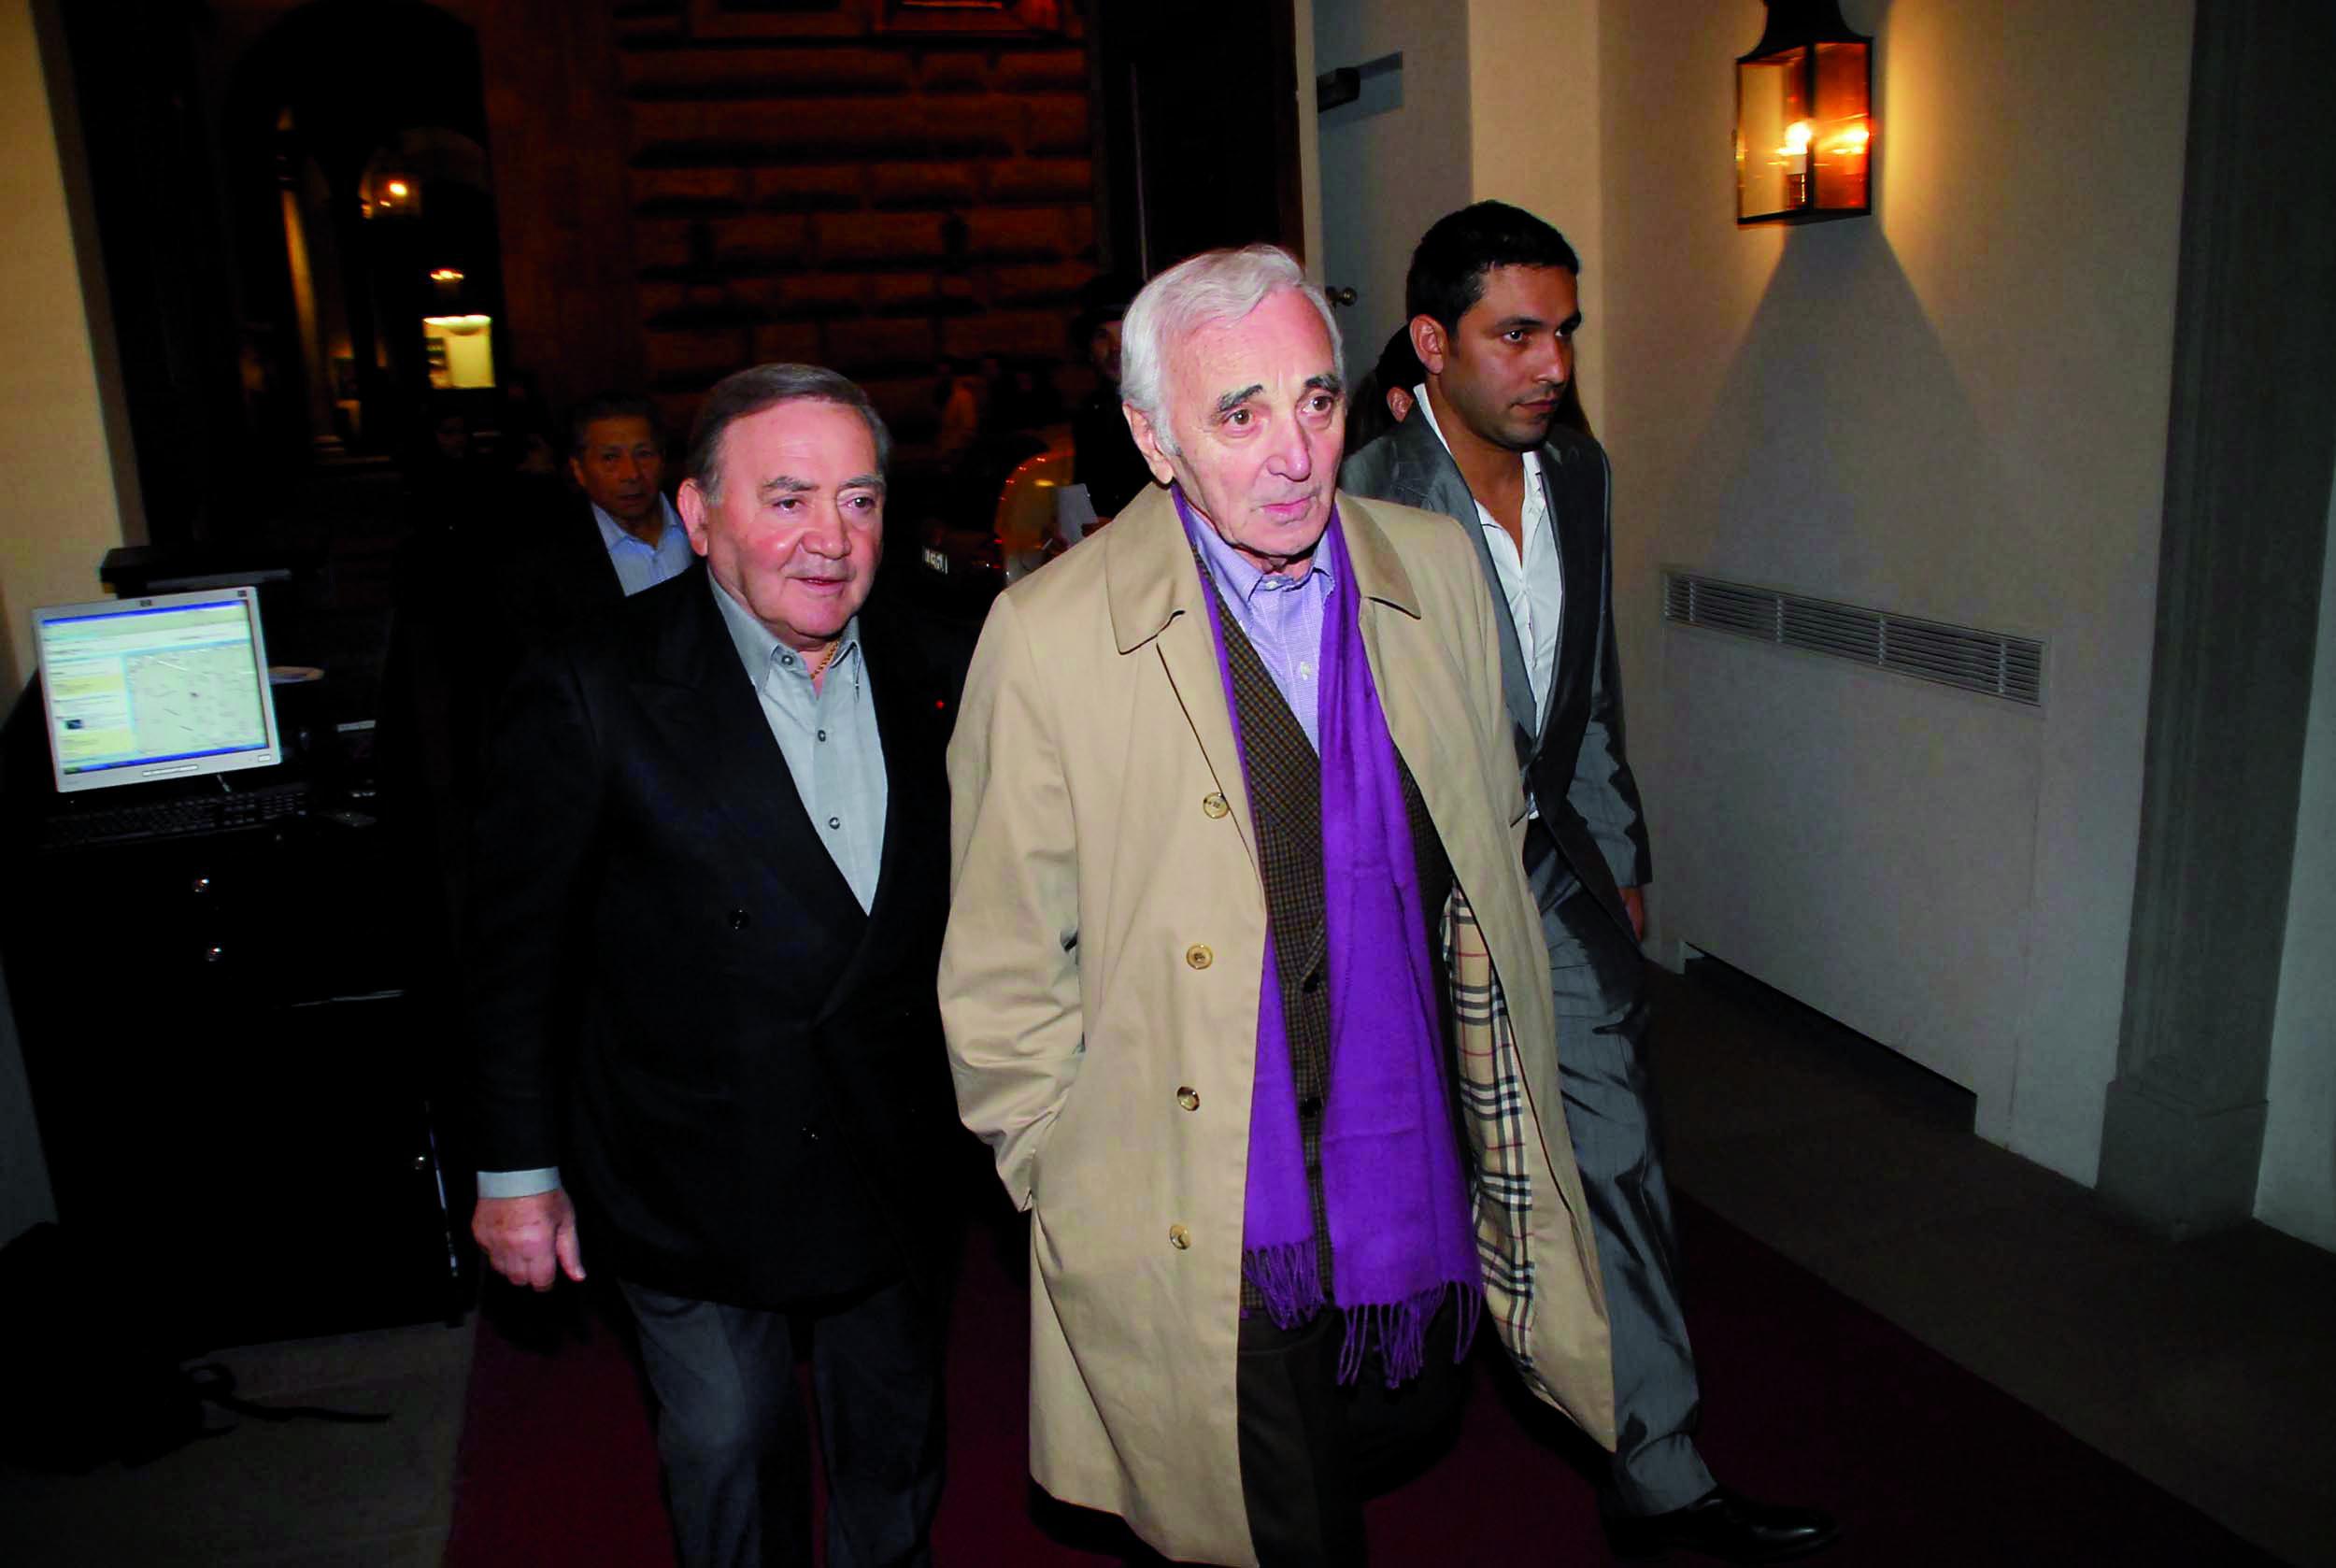 PRESSPHOTO Firenze, Cinema Odeon, Renzi assegna il Fiorino d'oro a Charles Aznavour, segue cena di gala a Palazzo Tornabuoni